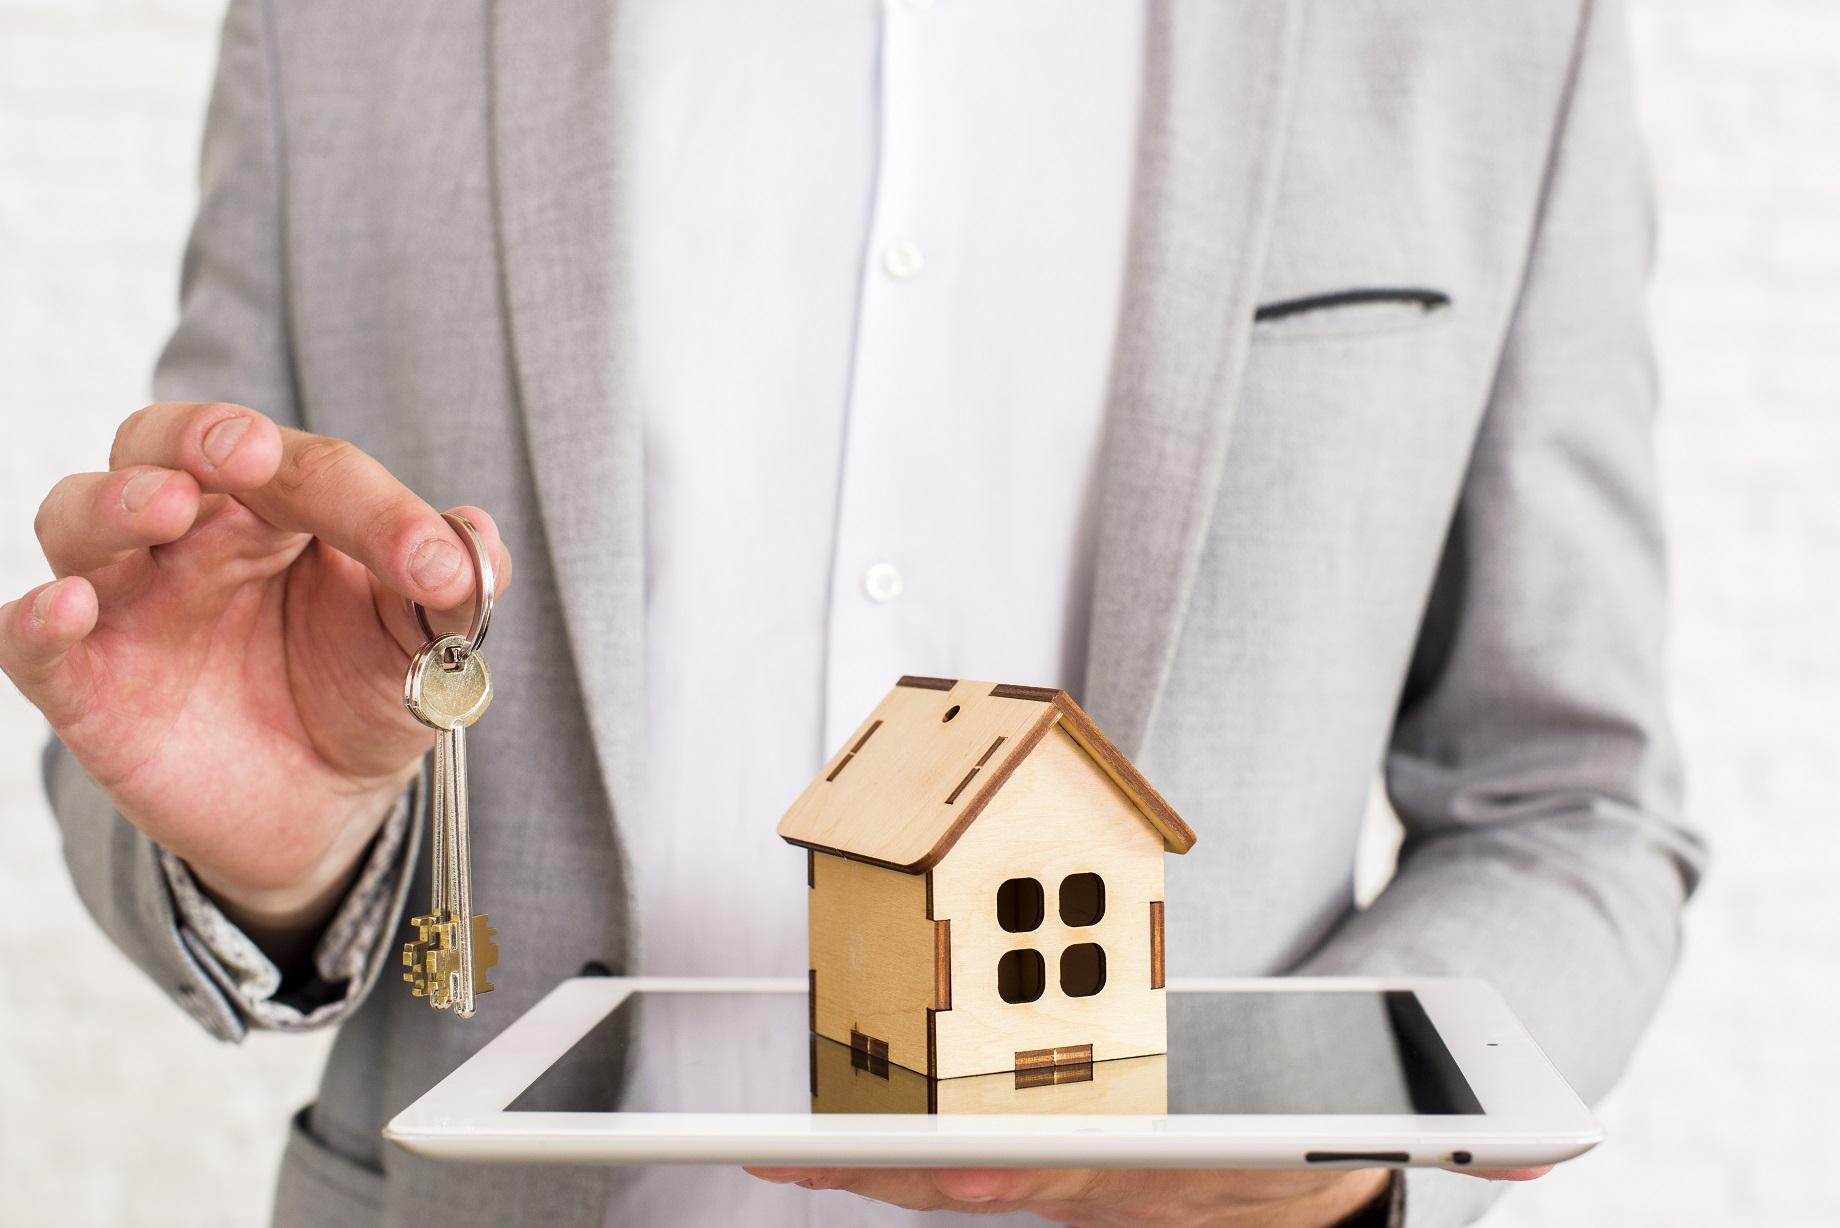 La crise du coronavirus a accéléré la digitalisation du secteur immobilier neuf